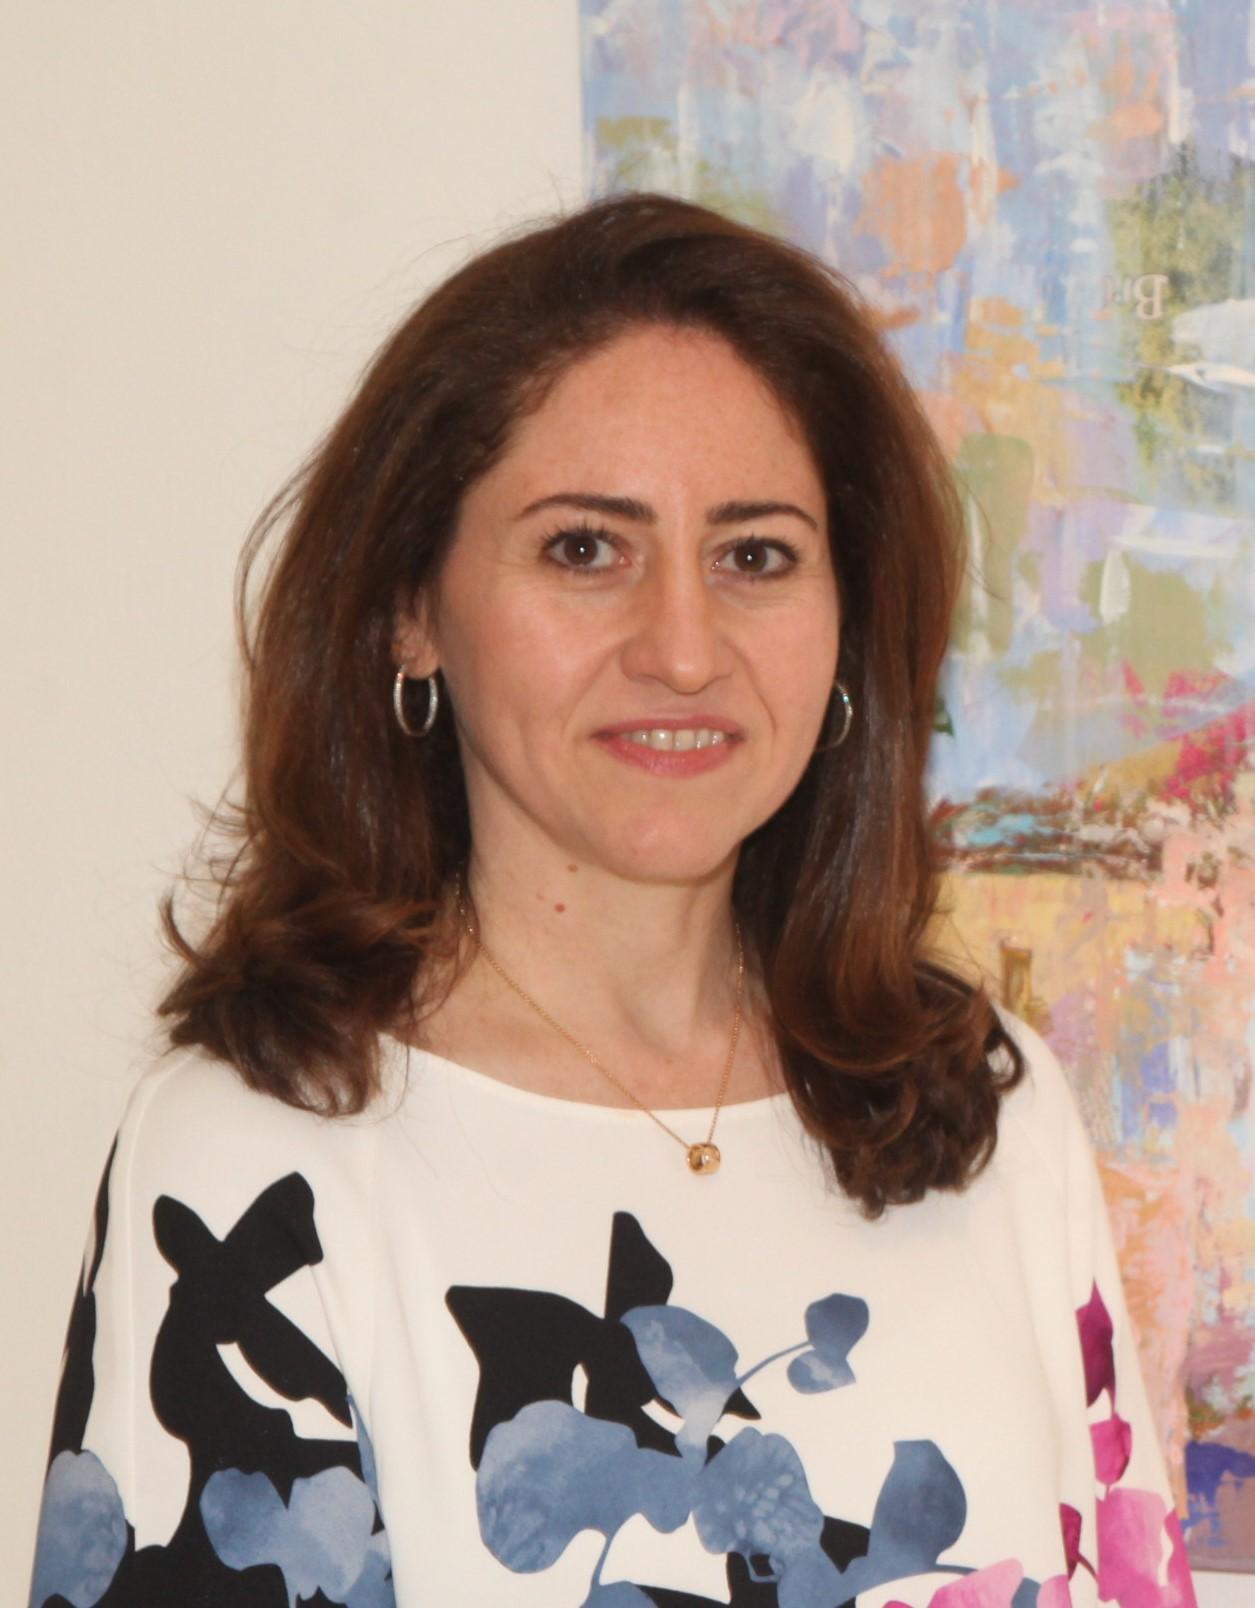 Dalia Ali